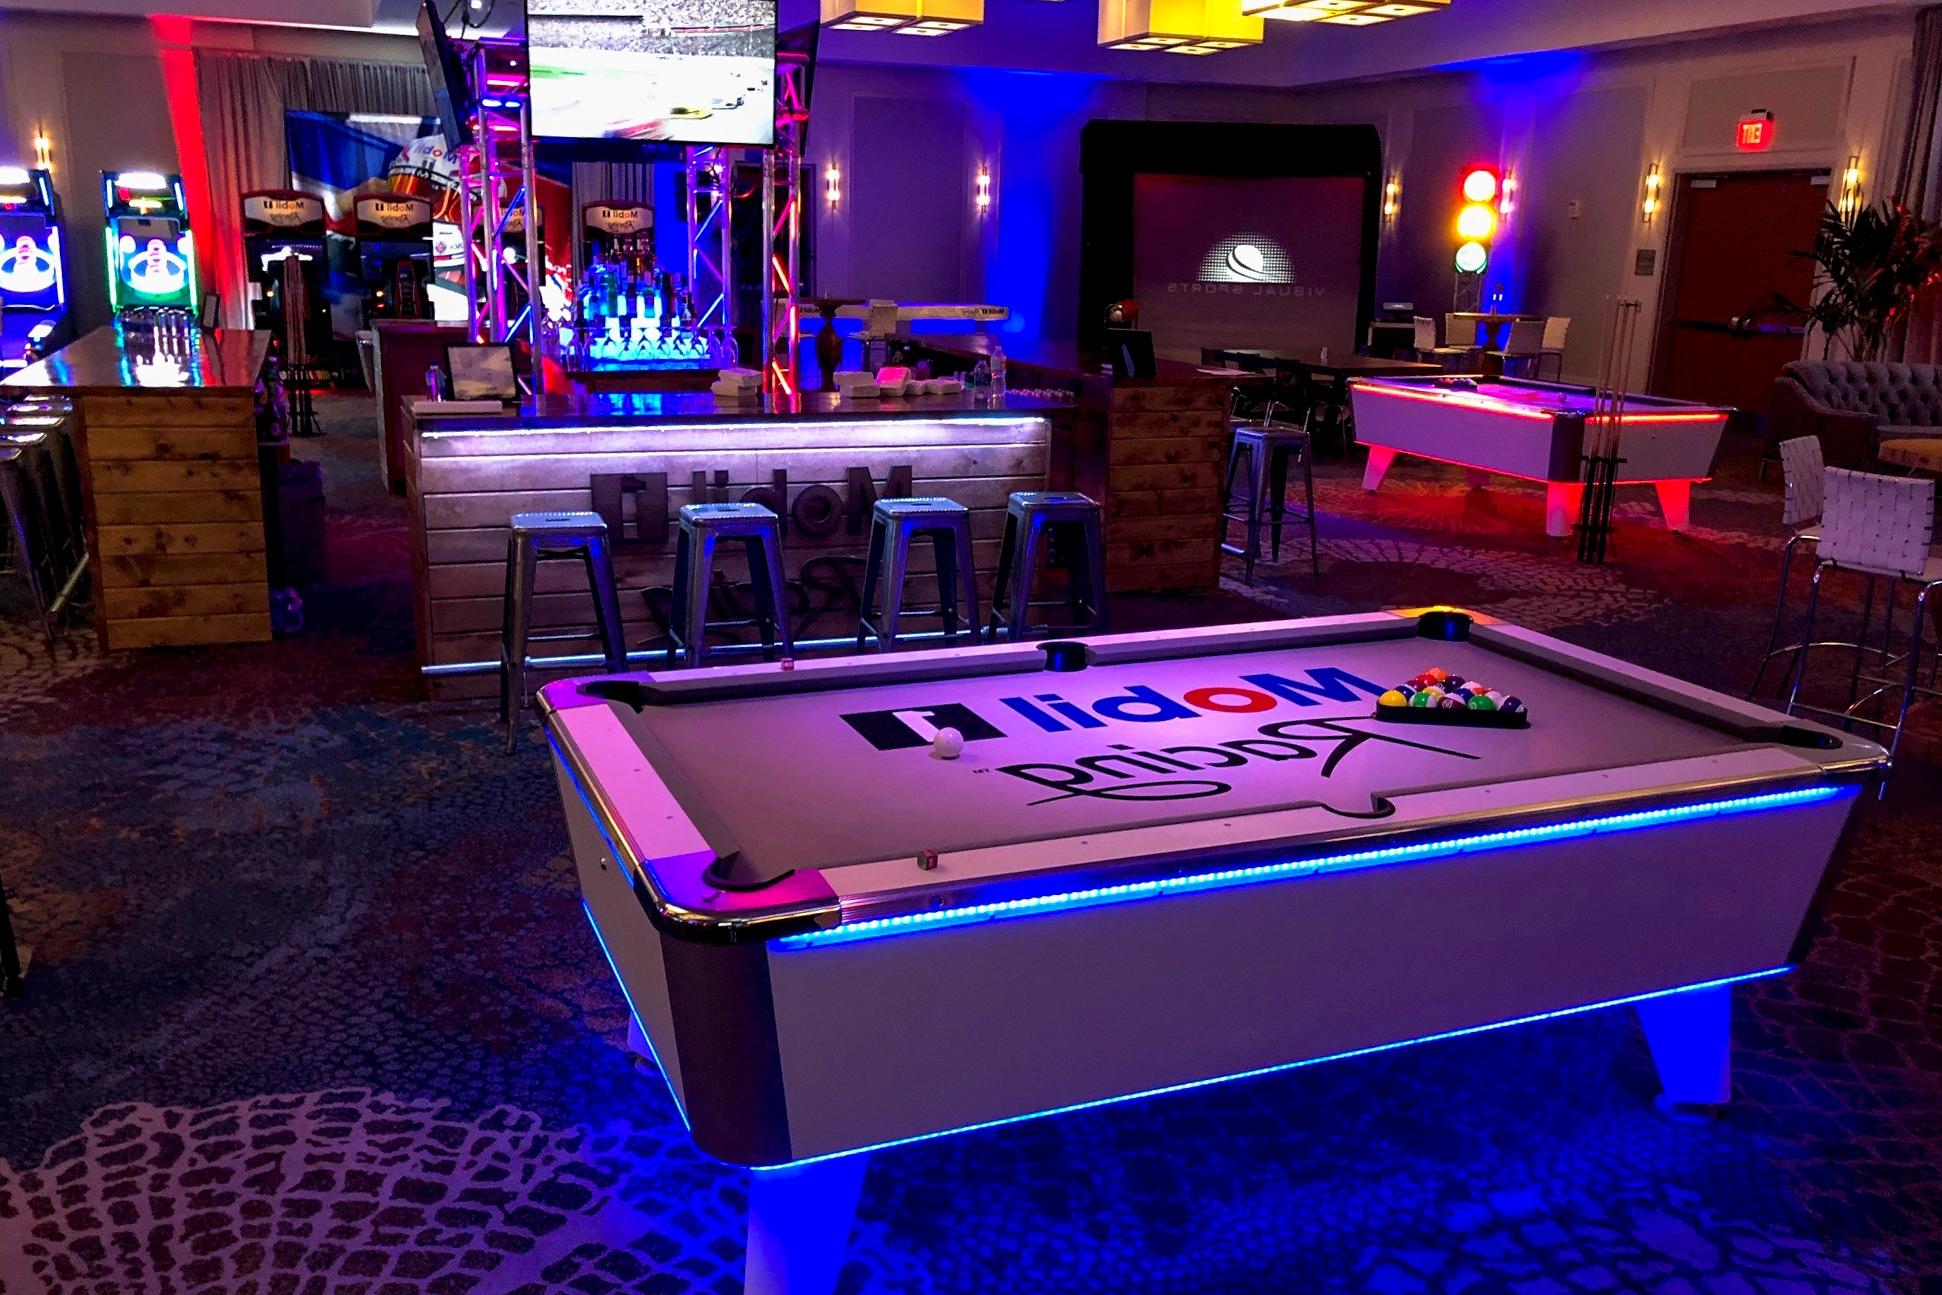 Skeeball FX, Nascar, Sports Simulator, LED Pool, LED Air Hockey, Custom Bar